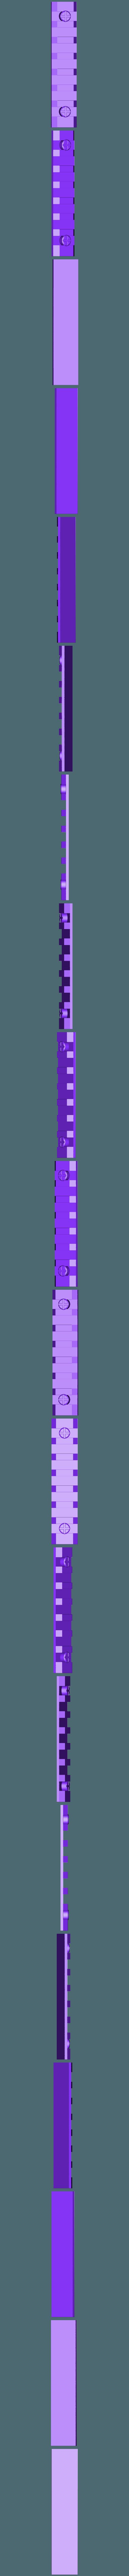 Side_Rail.stl Télécharger fichier STL gratuit Borderlands Bandit Room Clener Shotgun • Modèle pour impression 3D, Dsk